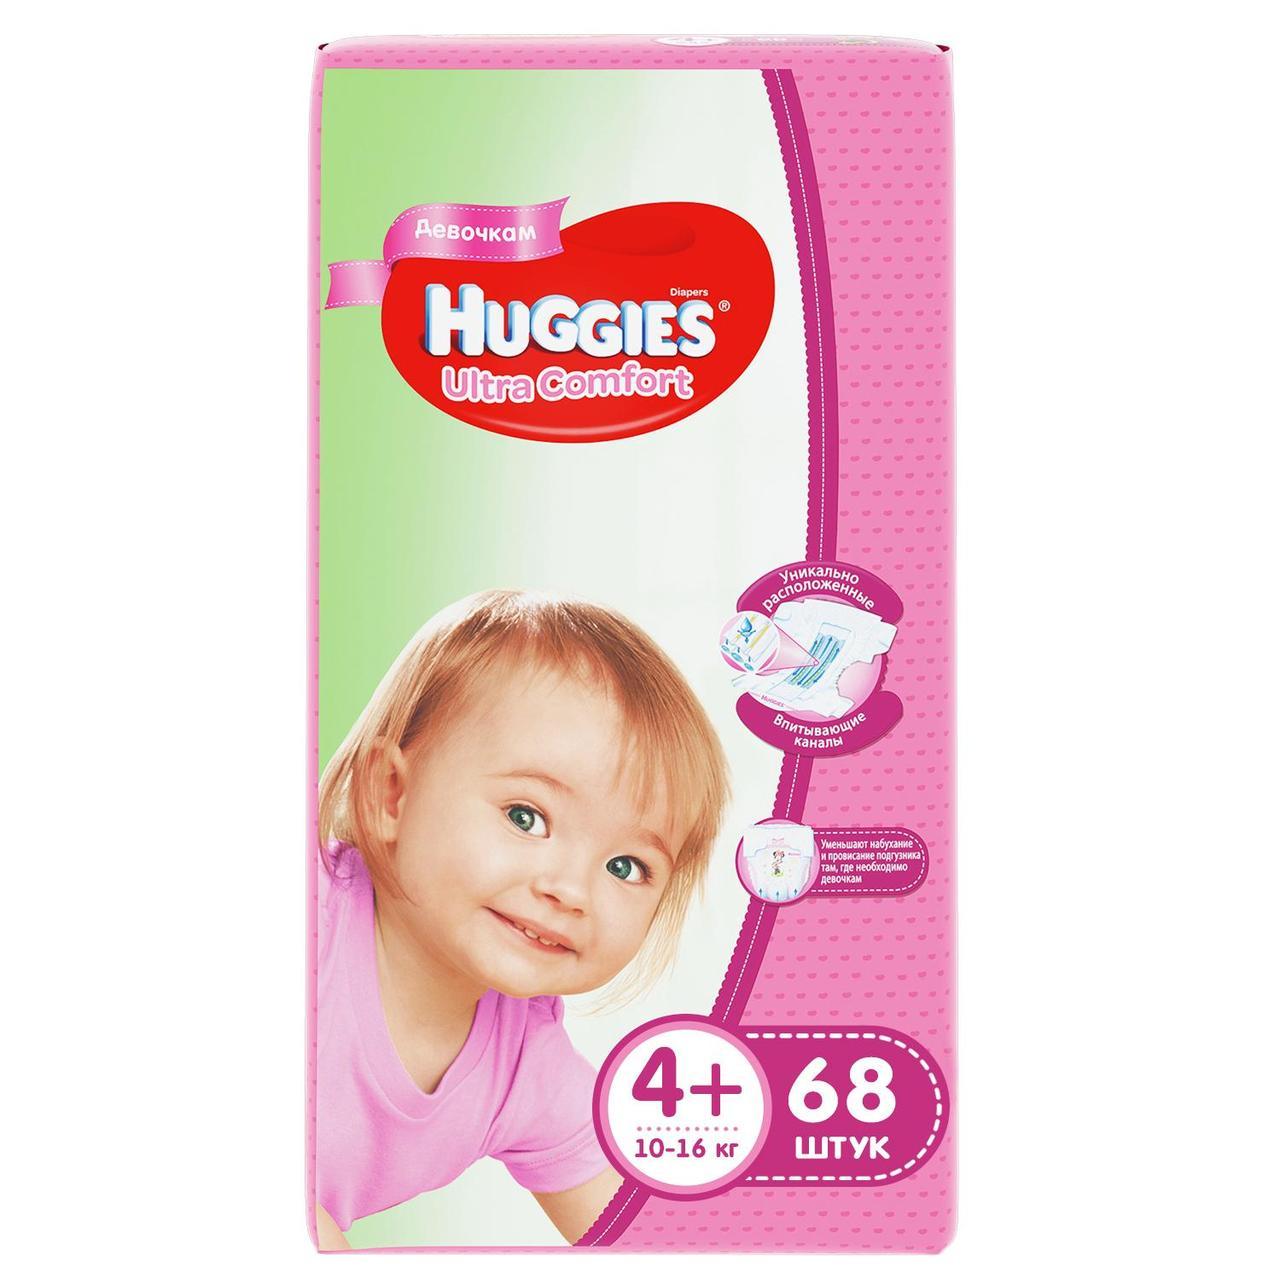 Подгузники Huggies Ultra Comfort 4+ (10-16kg) 68 шт. для девочек